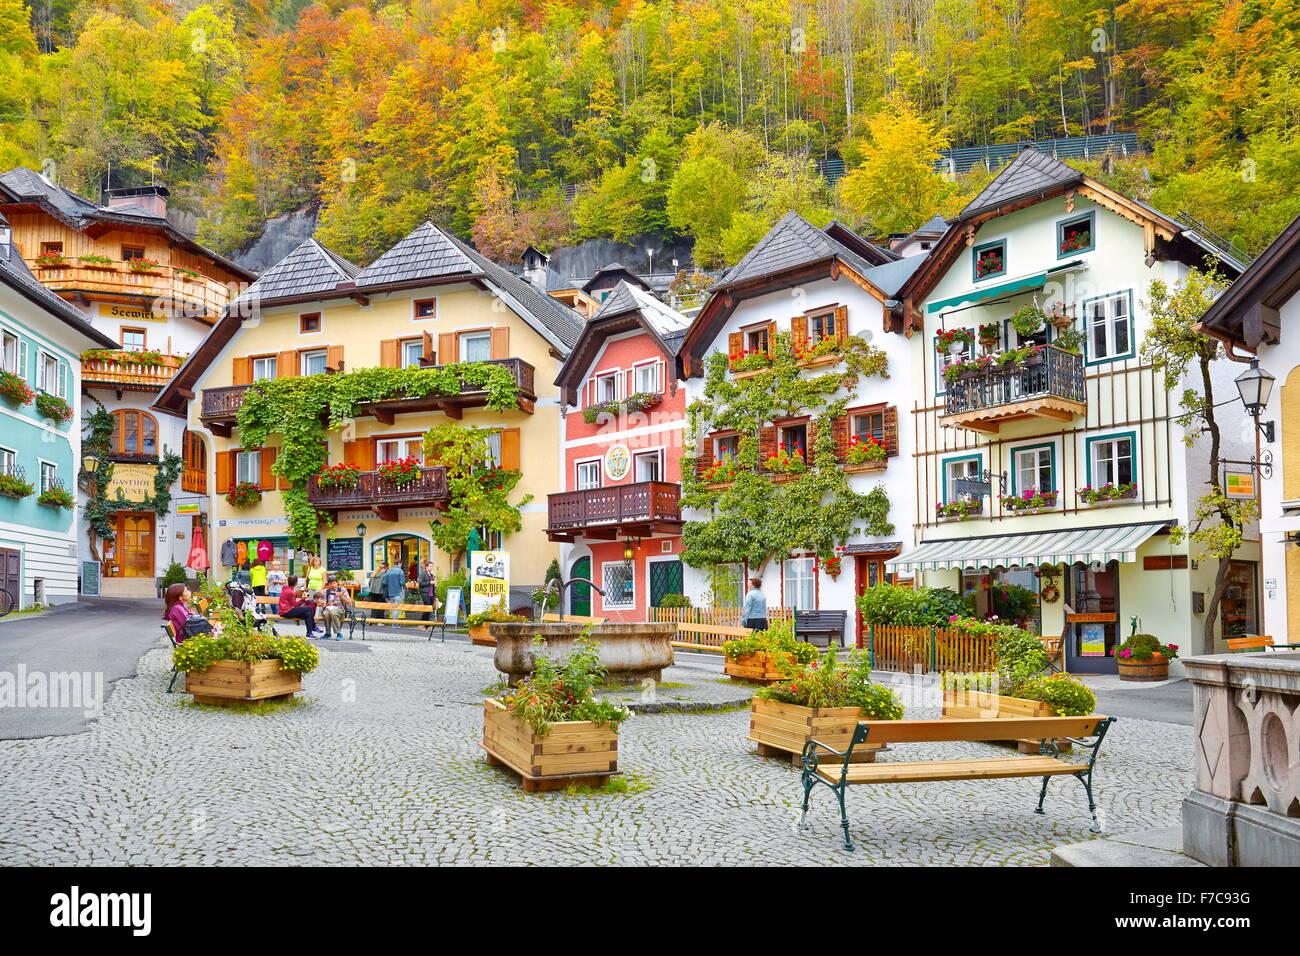 Maisons colorées, Hallstatt, village de Salzkammergut, Autriche Photo Stock